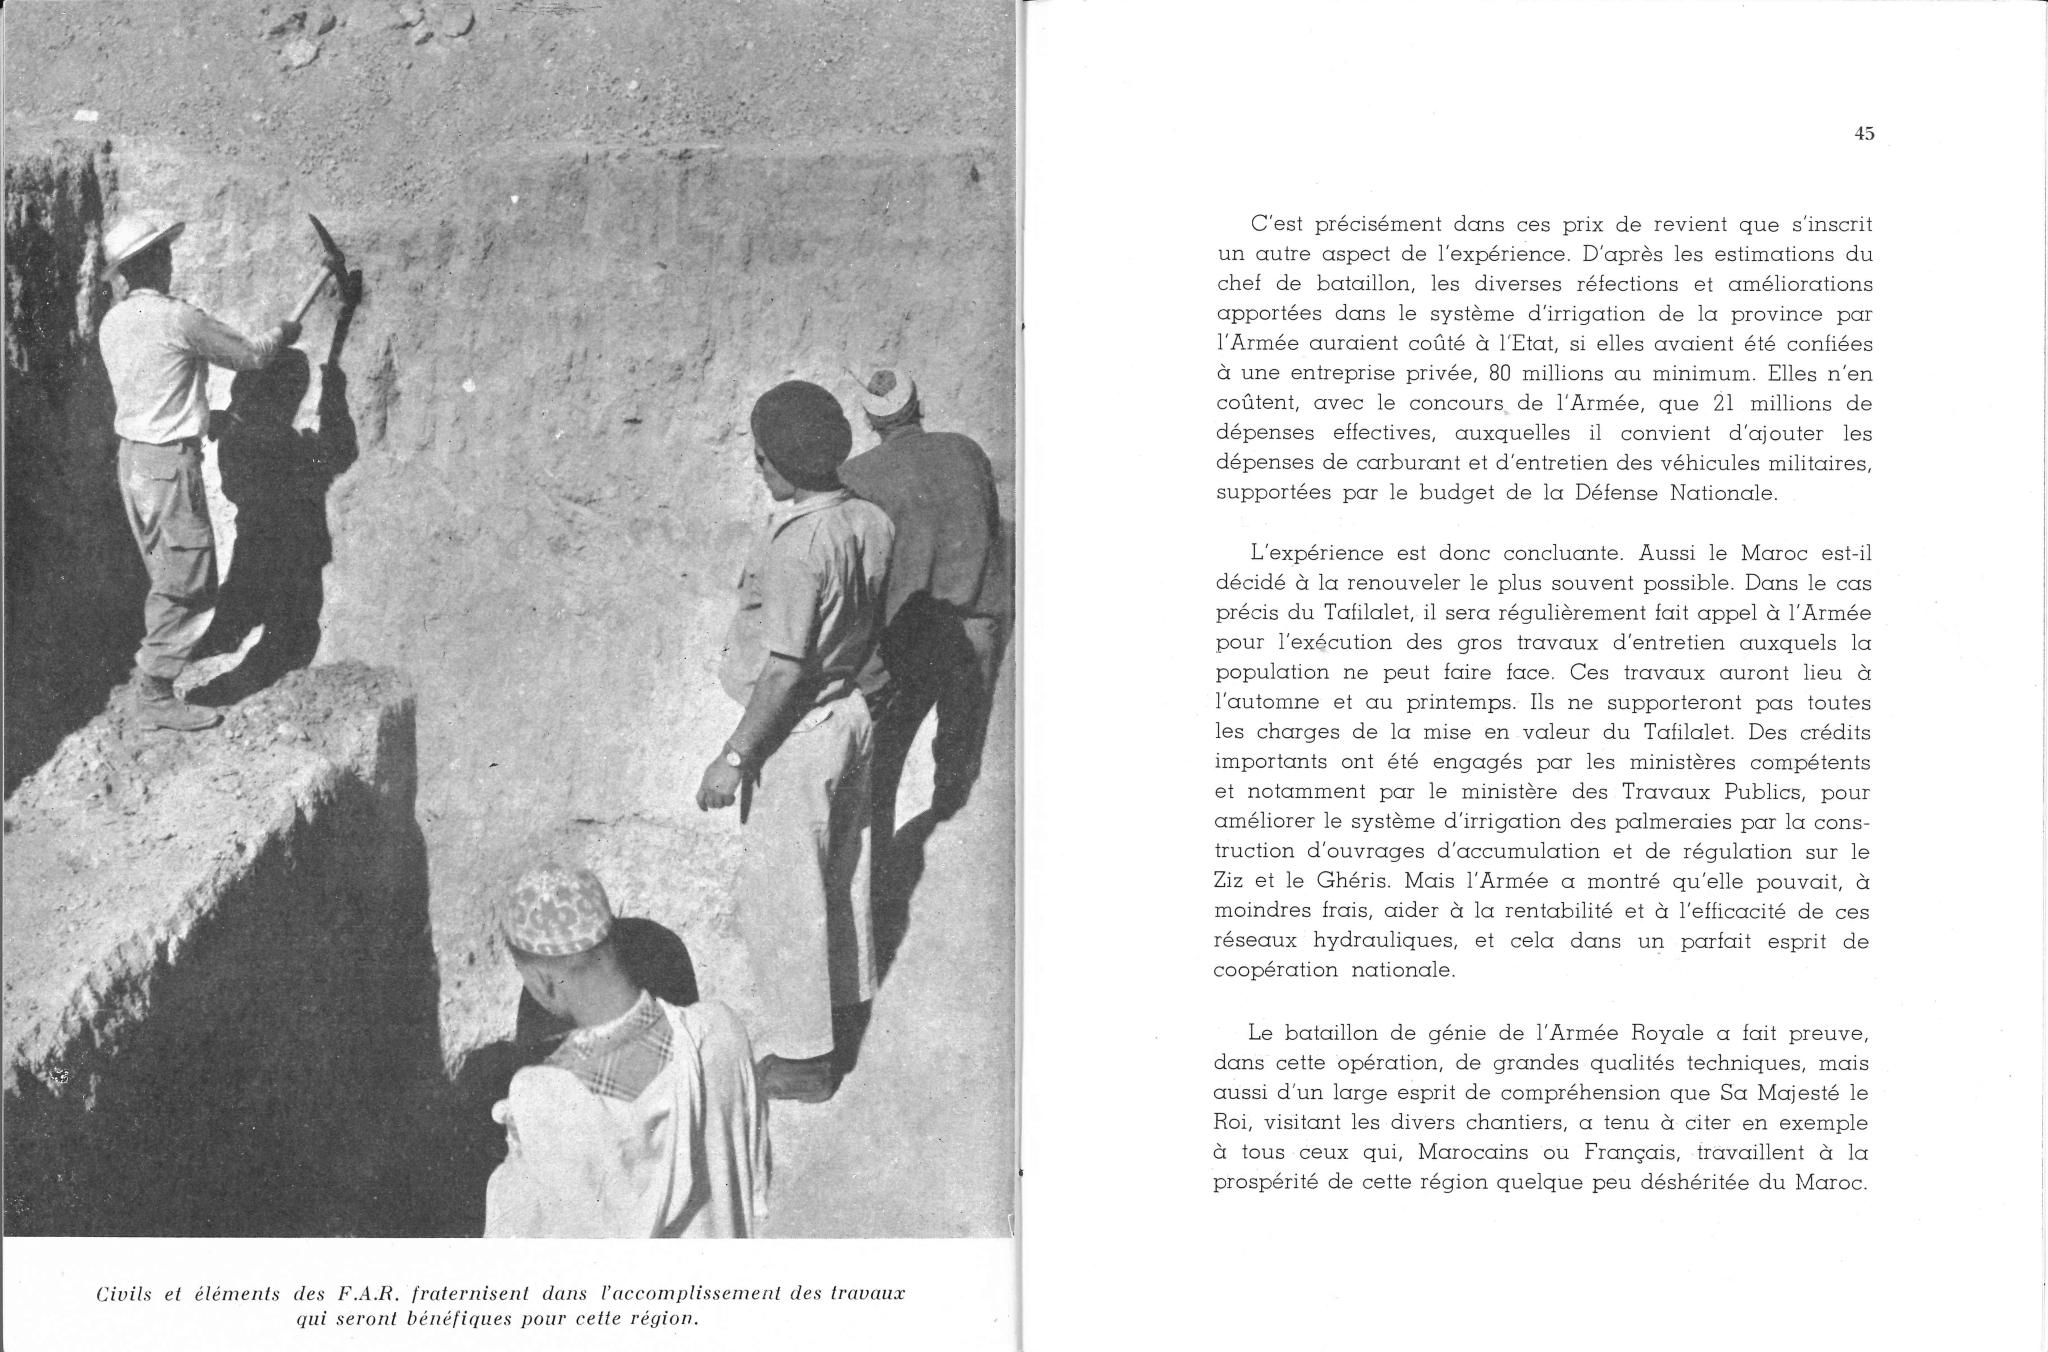 1957 - Les Forces Armées Royales  48642081268_c0e118f132_o